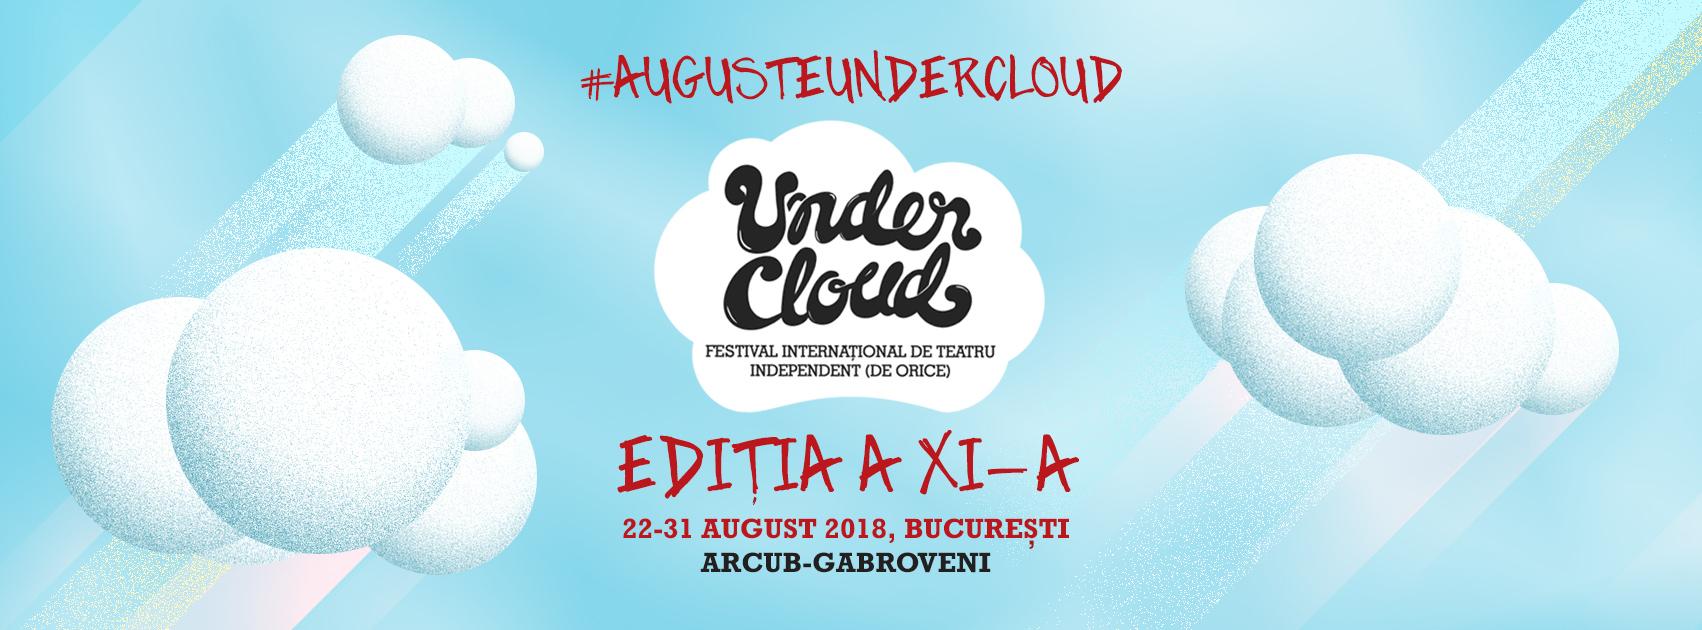 undercloud-cover3.jpg